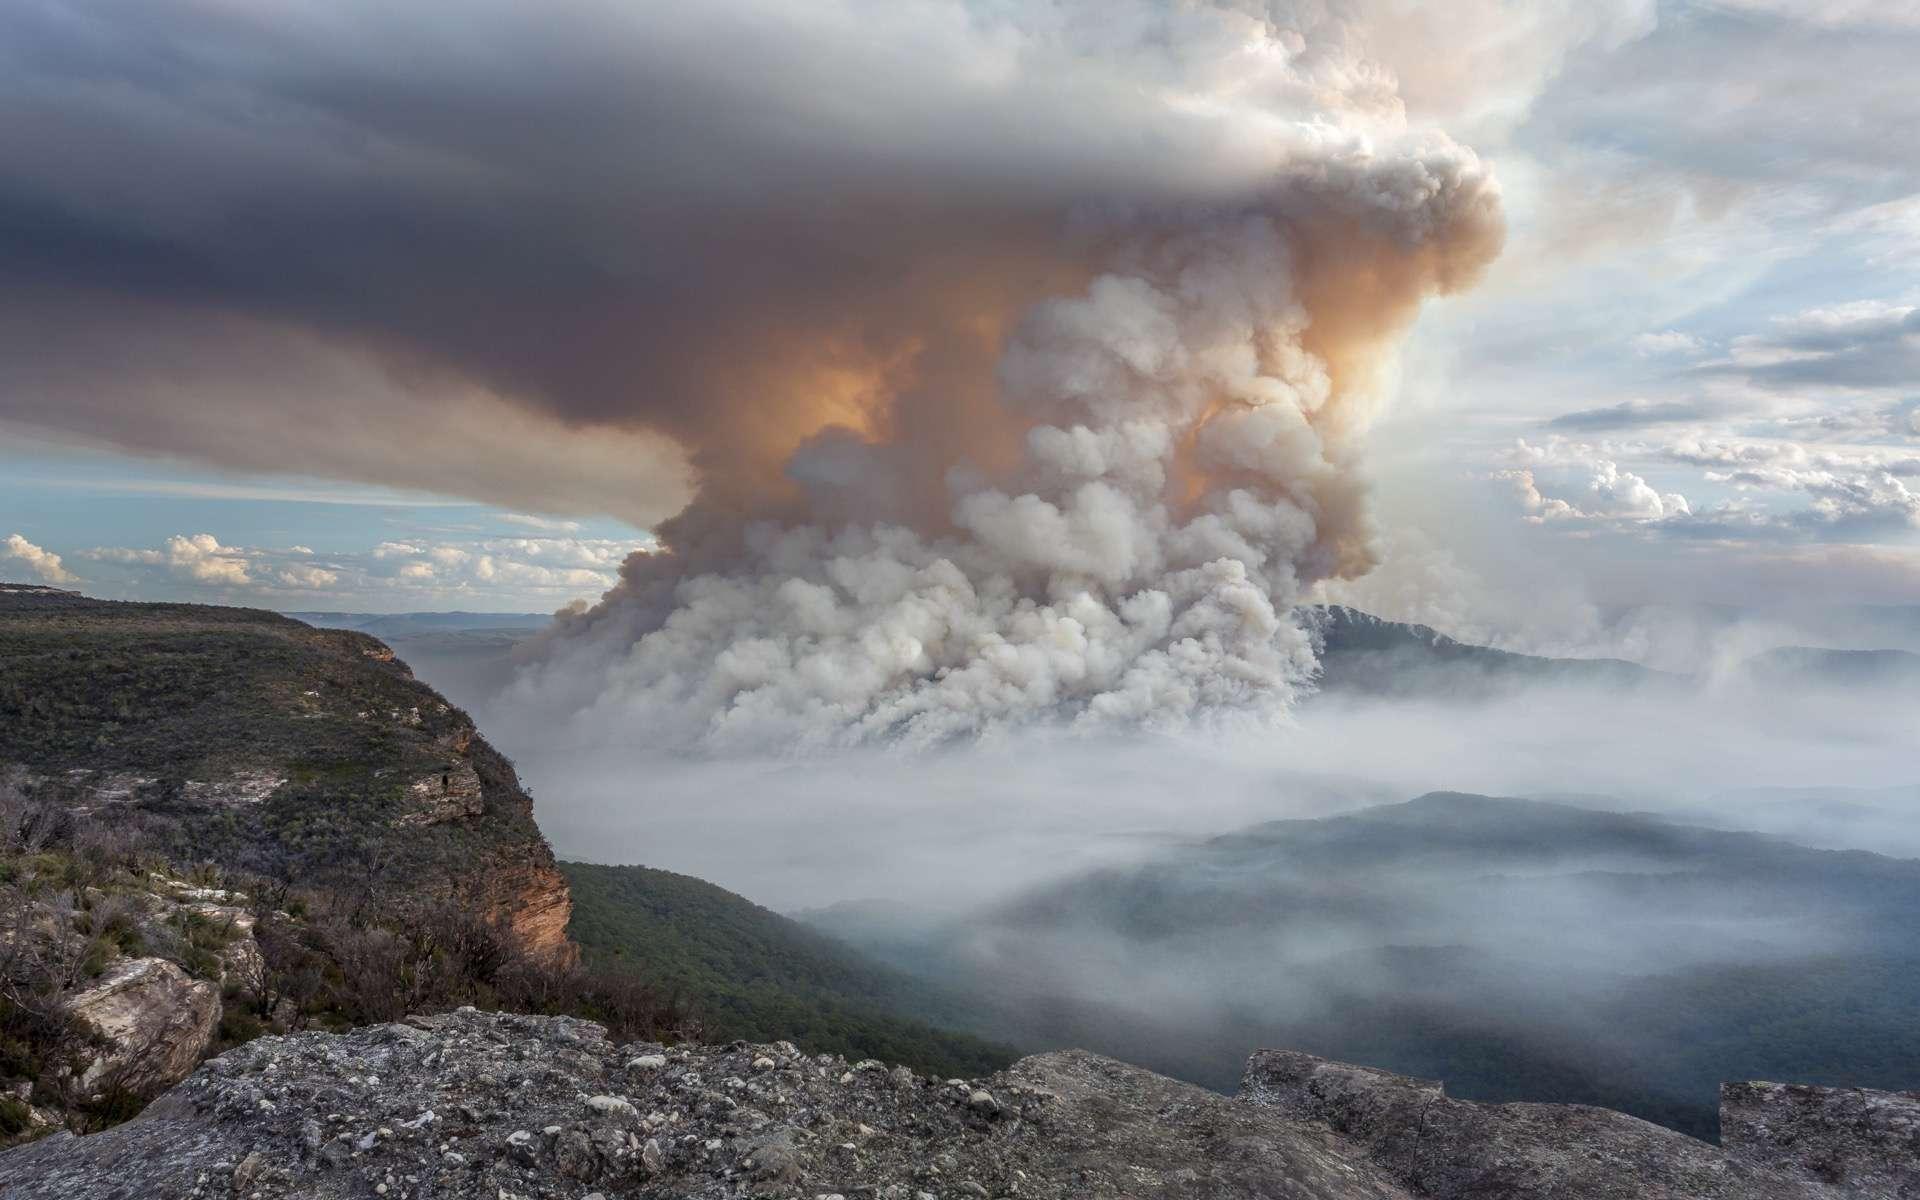 Les incroyables et spectaculaires répercussions des mégafeux en Australie sur la stratosphère. © Leah-Anne Thompson, Adobe Stock